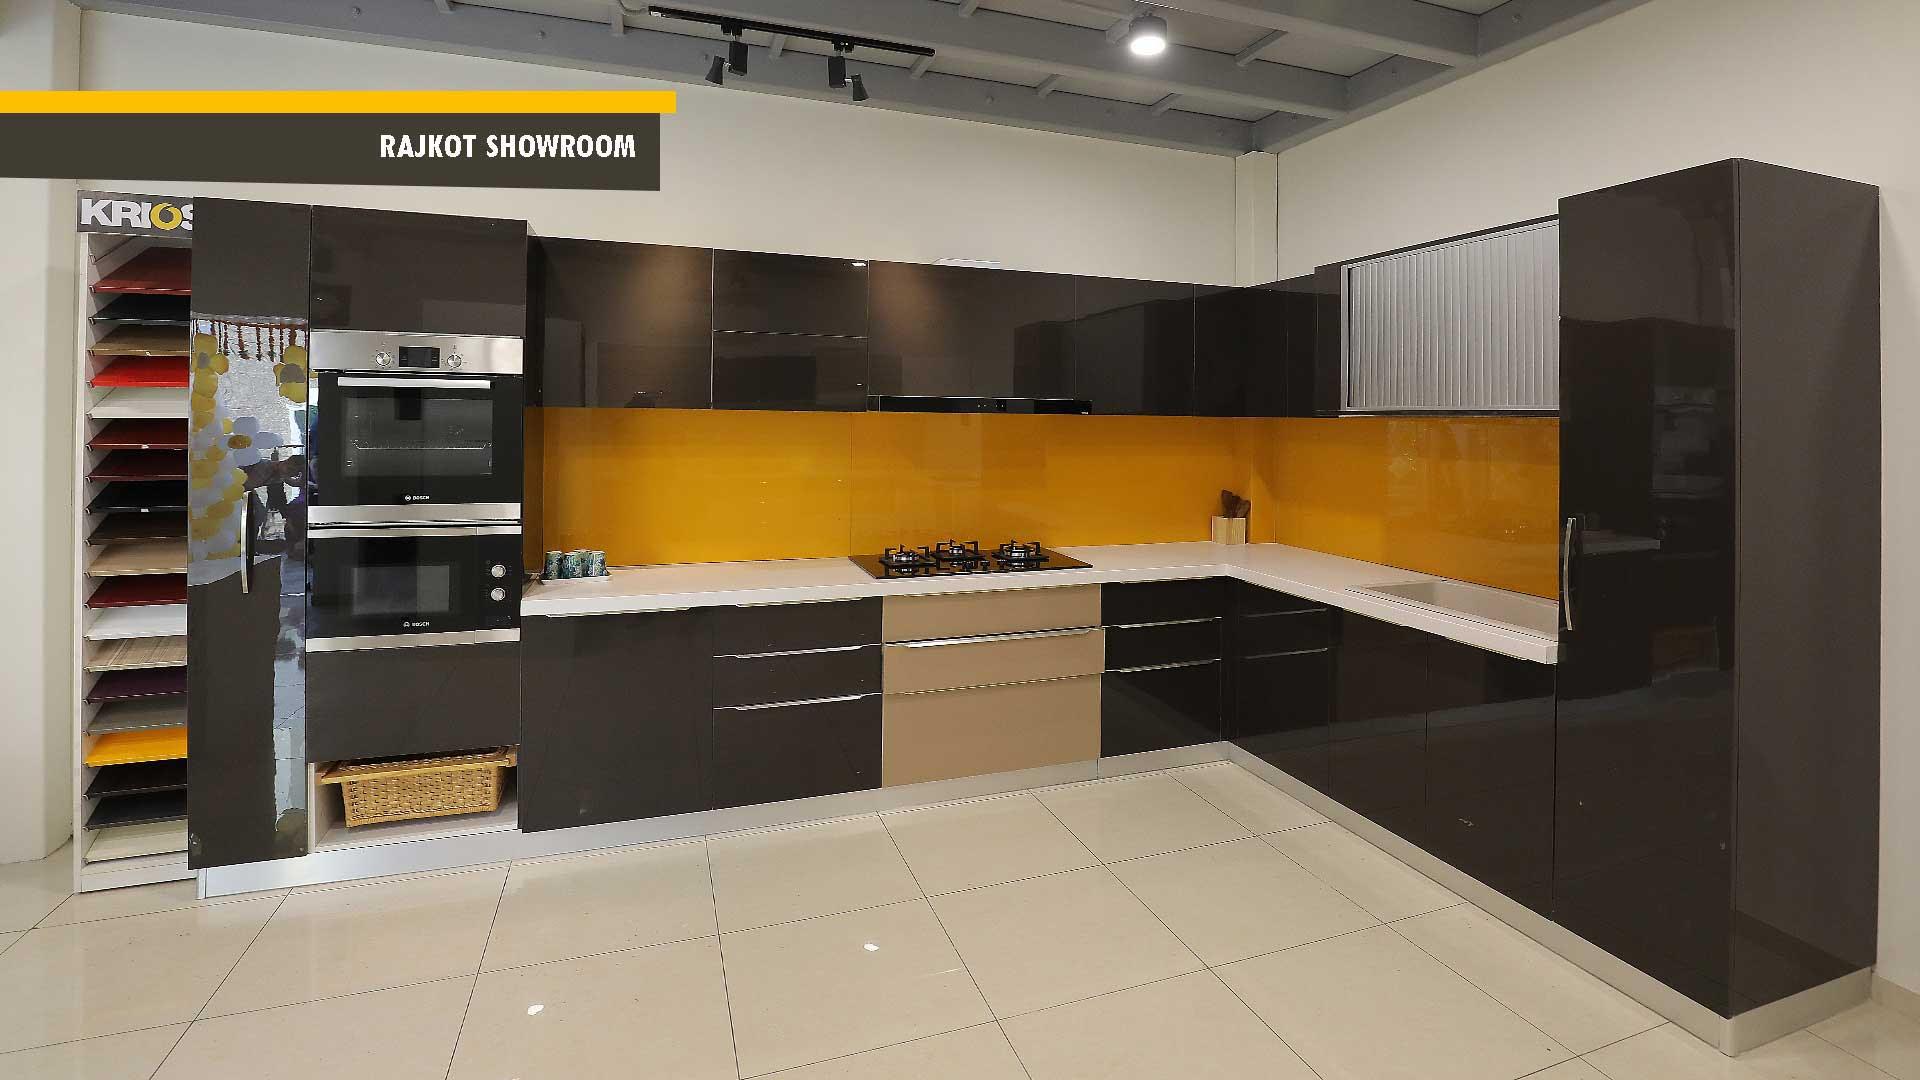 Modular Kitchens Ahmedabad | Buy Modular Kitchens Online